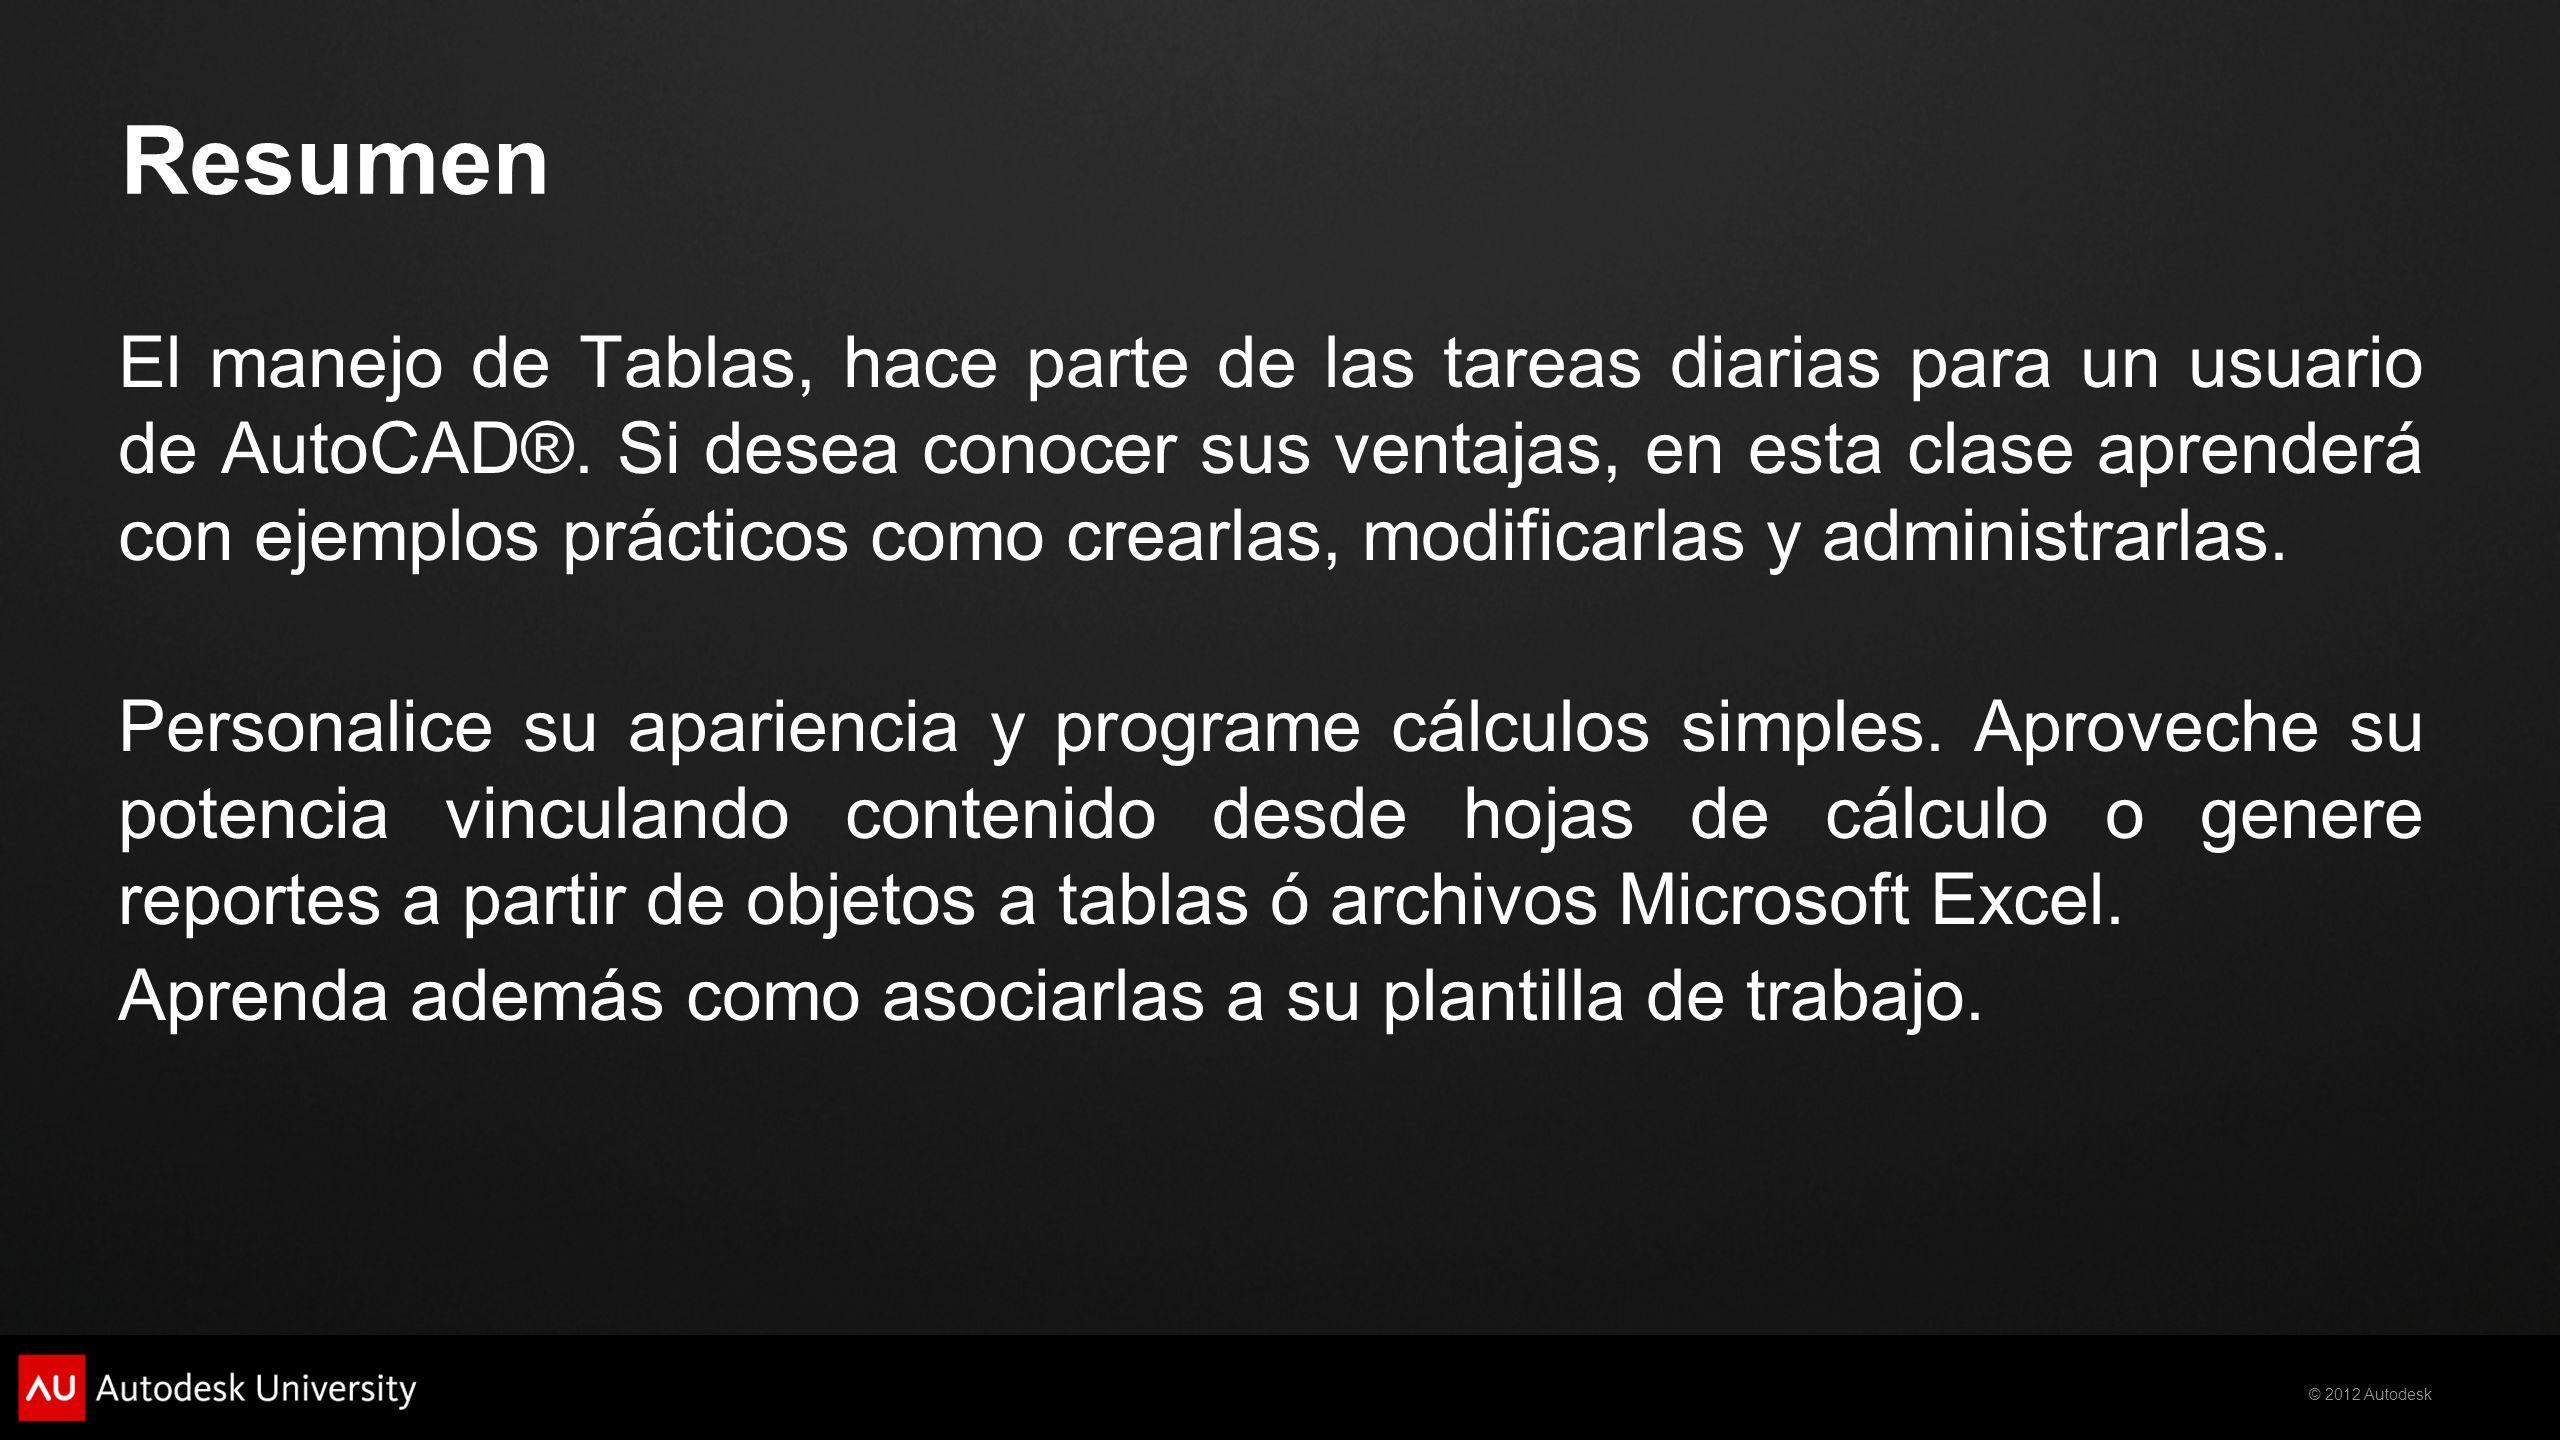 © 2012 Autodesk Resumen El manejo de Tablas, hace parte de las tareas diarias para un usuario de AutoCAD®. Si desea conocer sus ventajas, en esta clas